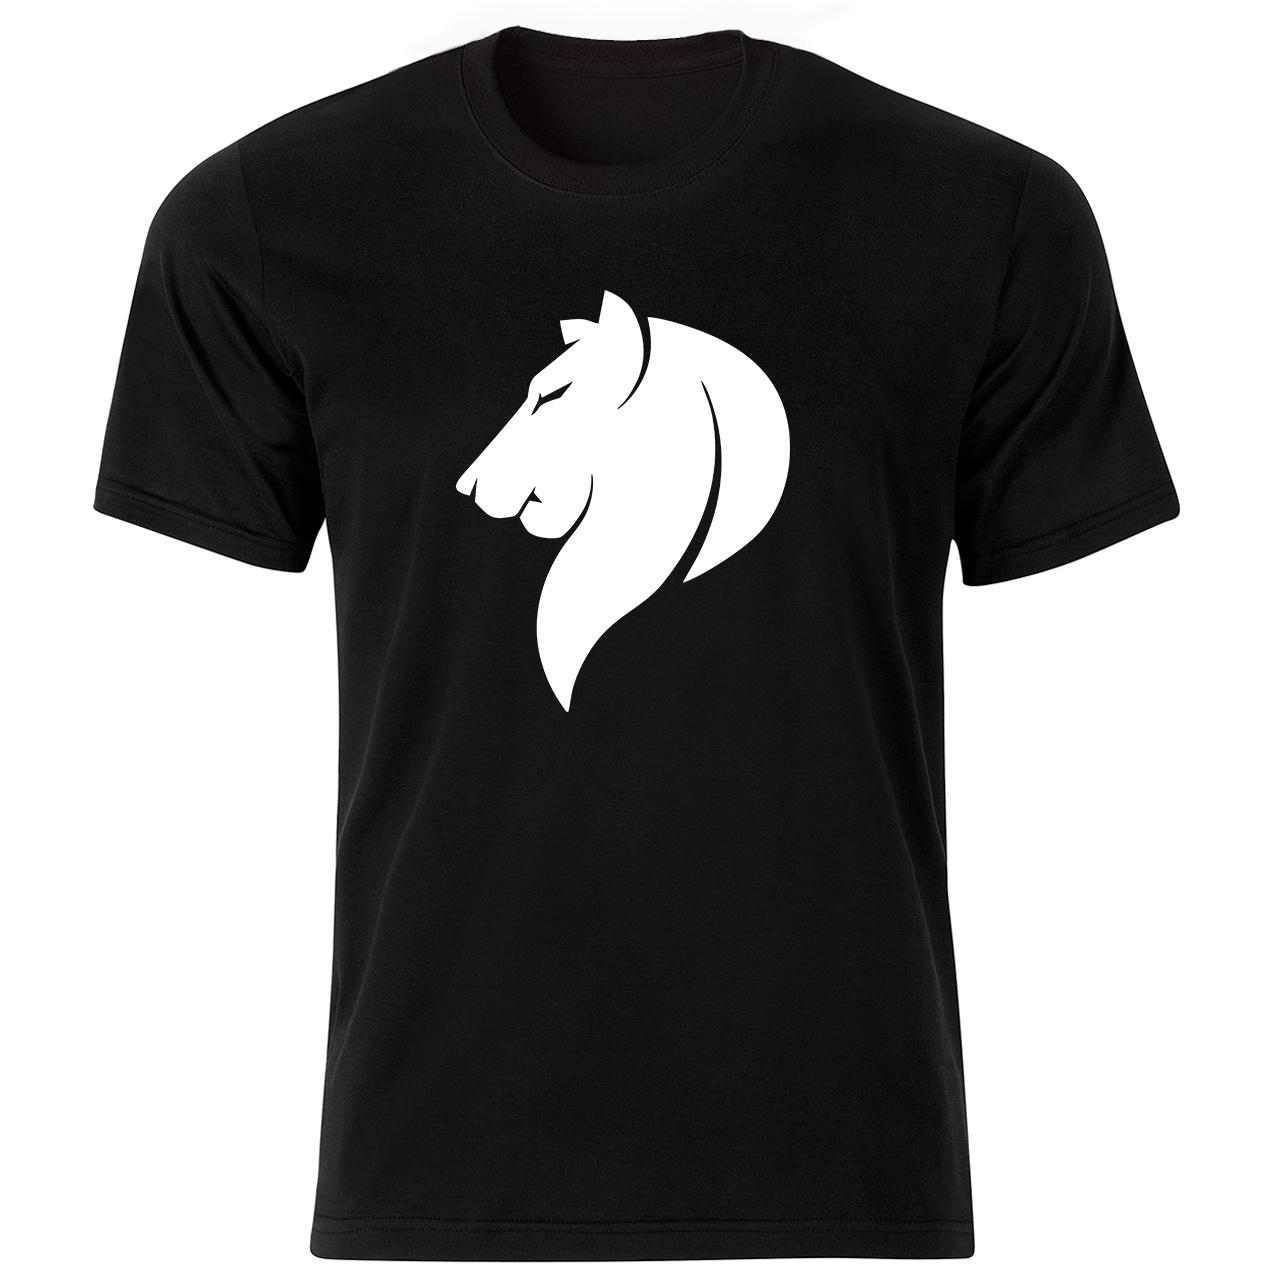 تی شرت آستین کوتاه مردانه طرح شیر کد ۱۸۰۶۹ BW